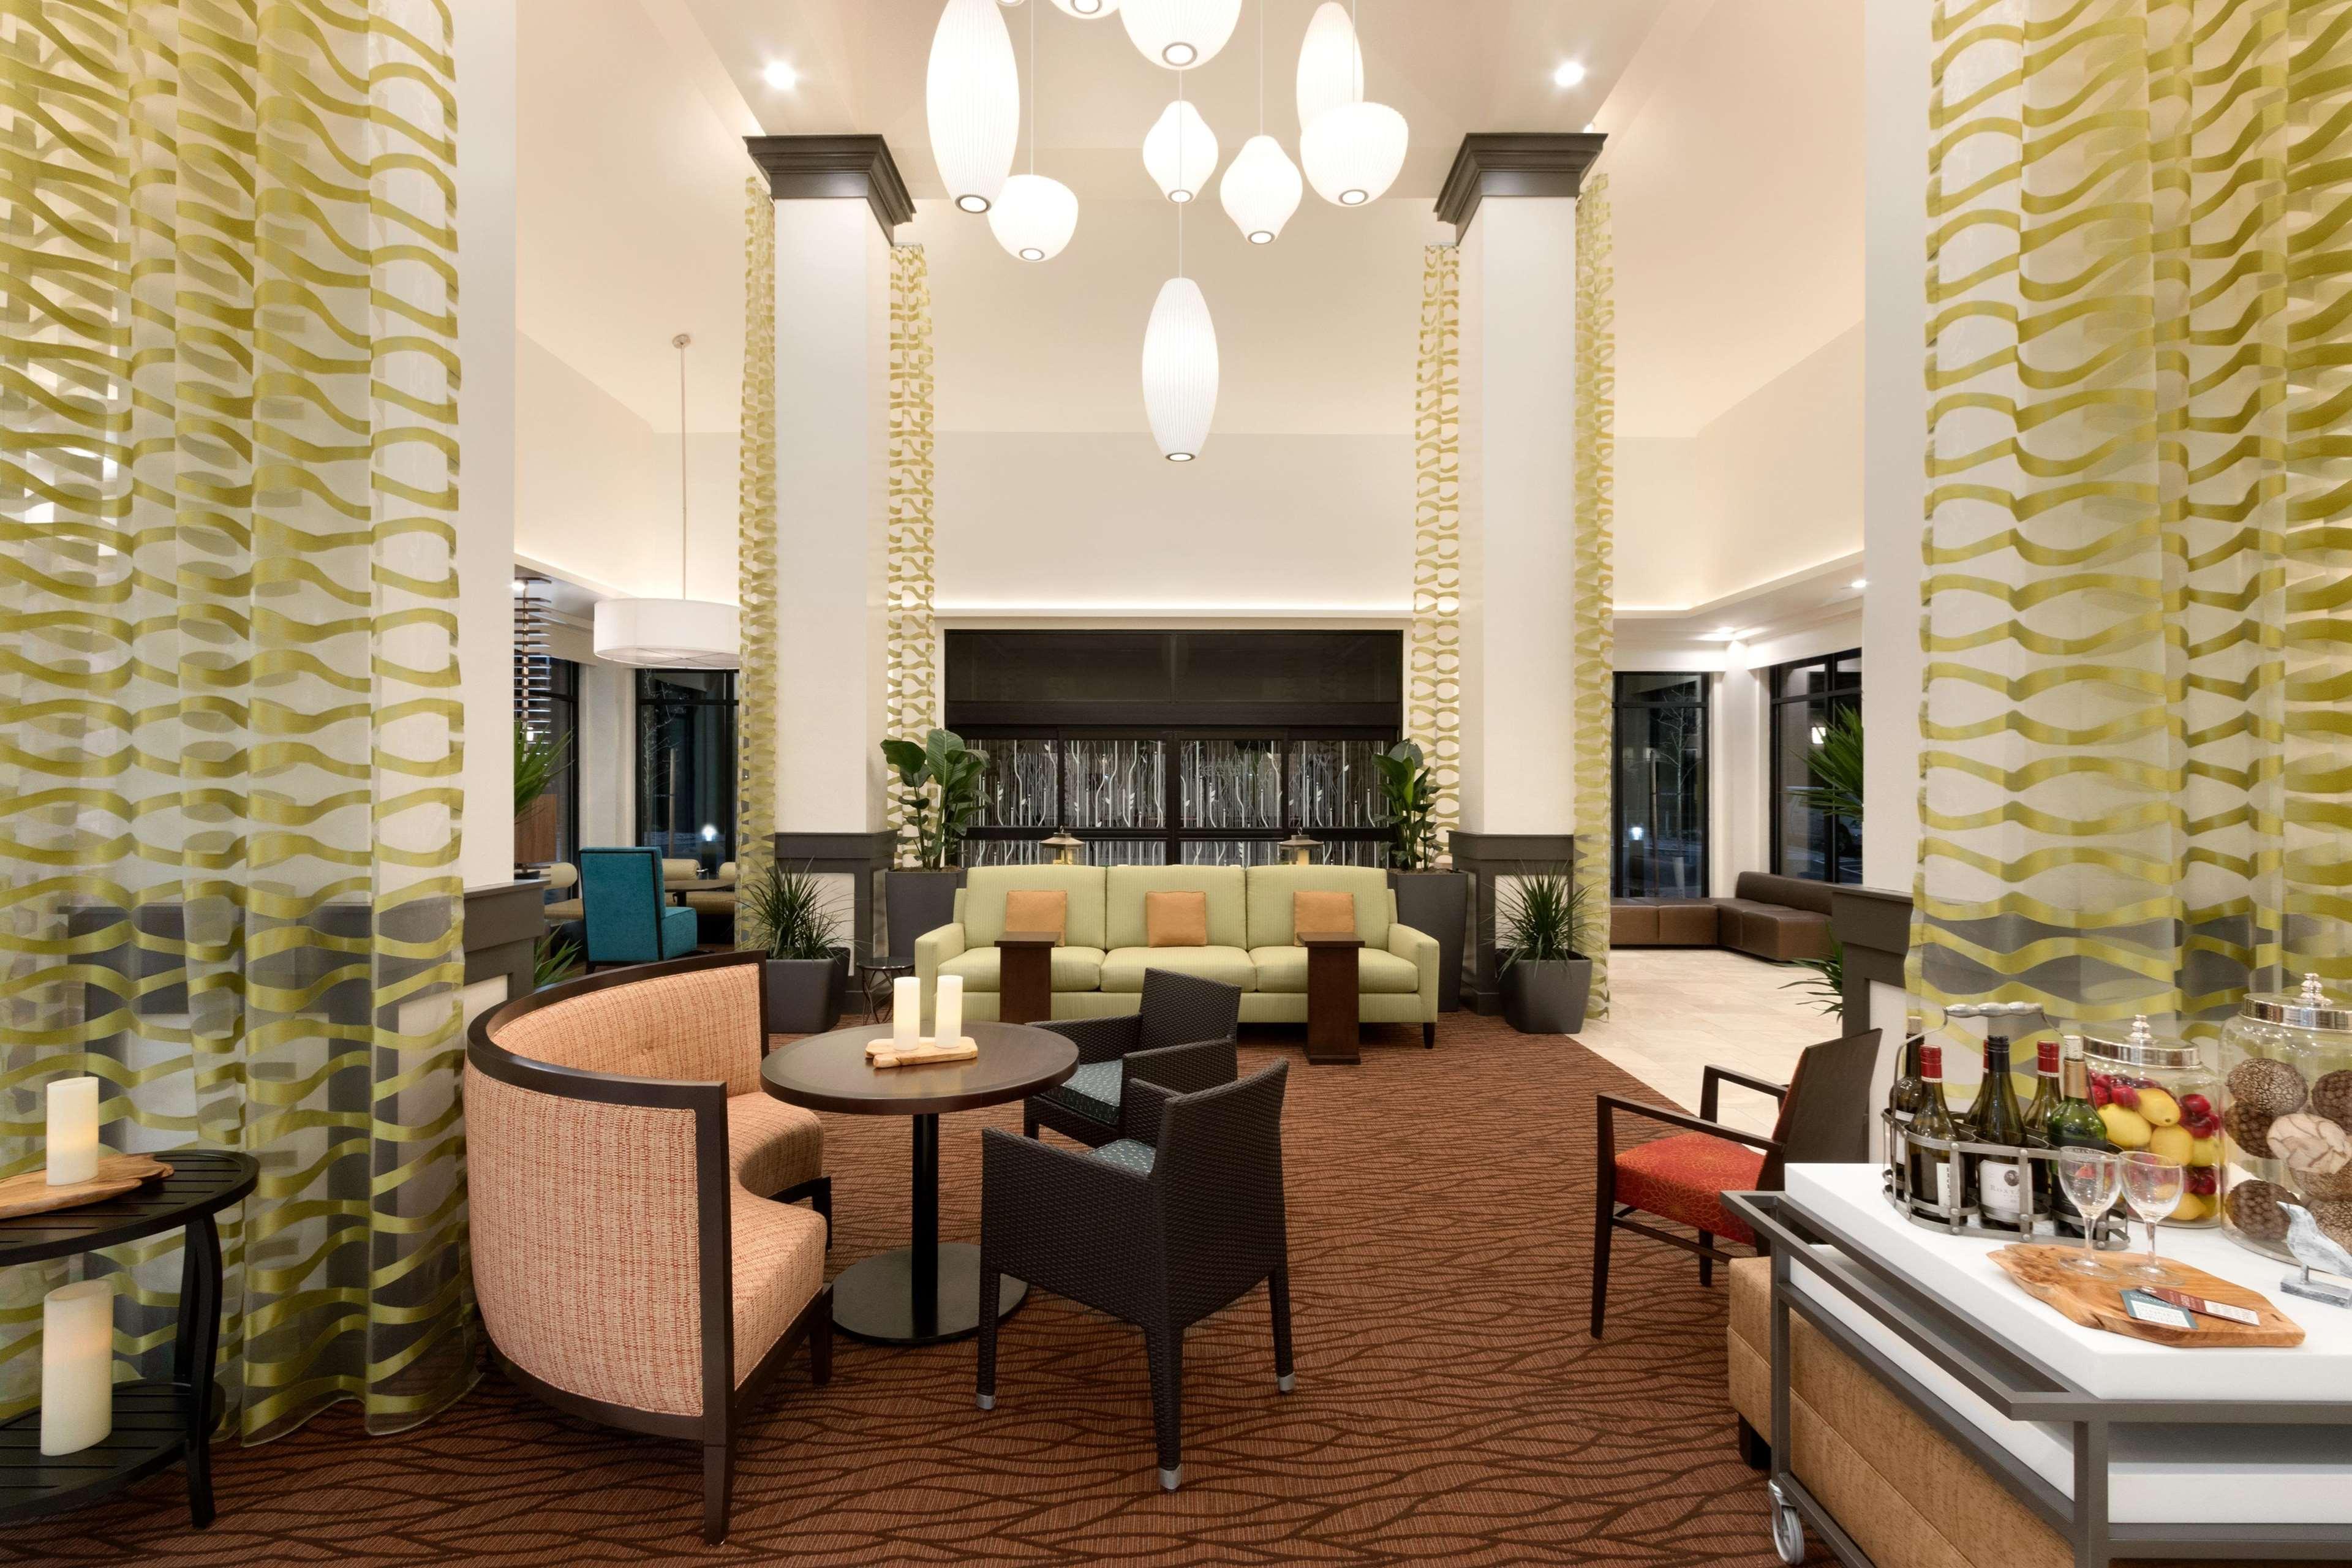 Hilton Garden Inn Medford image 13